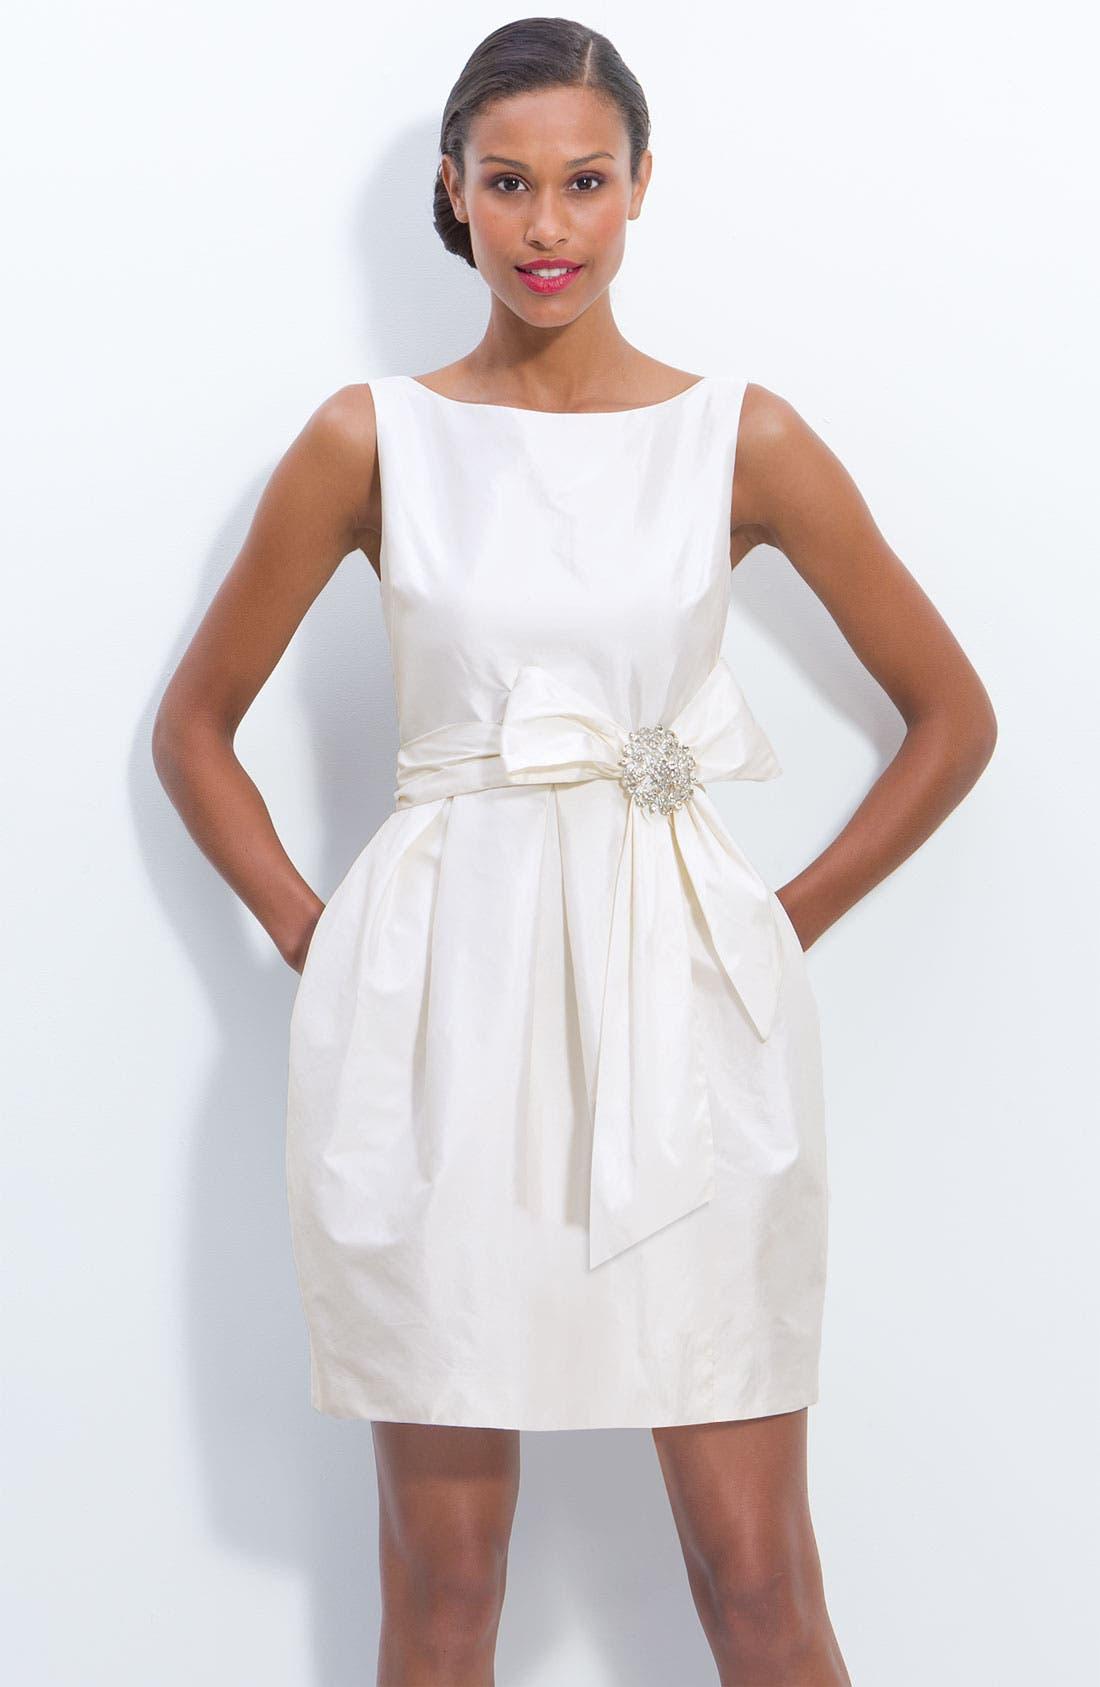 Alternate Image 1 Selected - Eliza J Jeweled Sleeveless Satin Tulip Dress